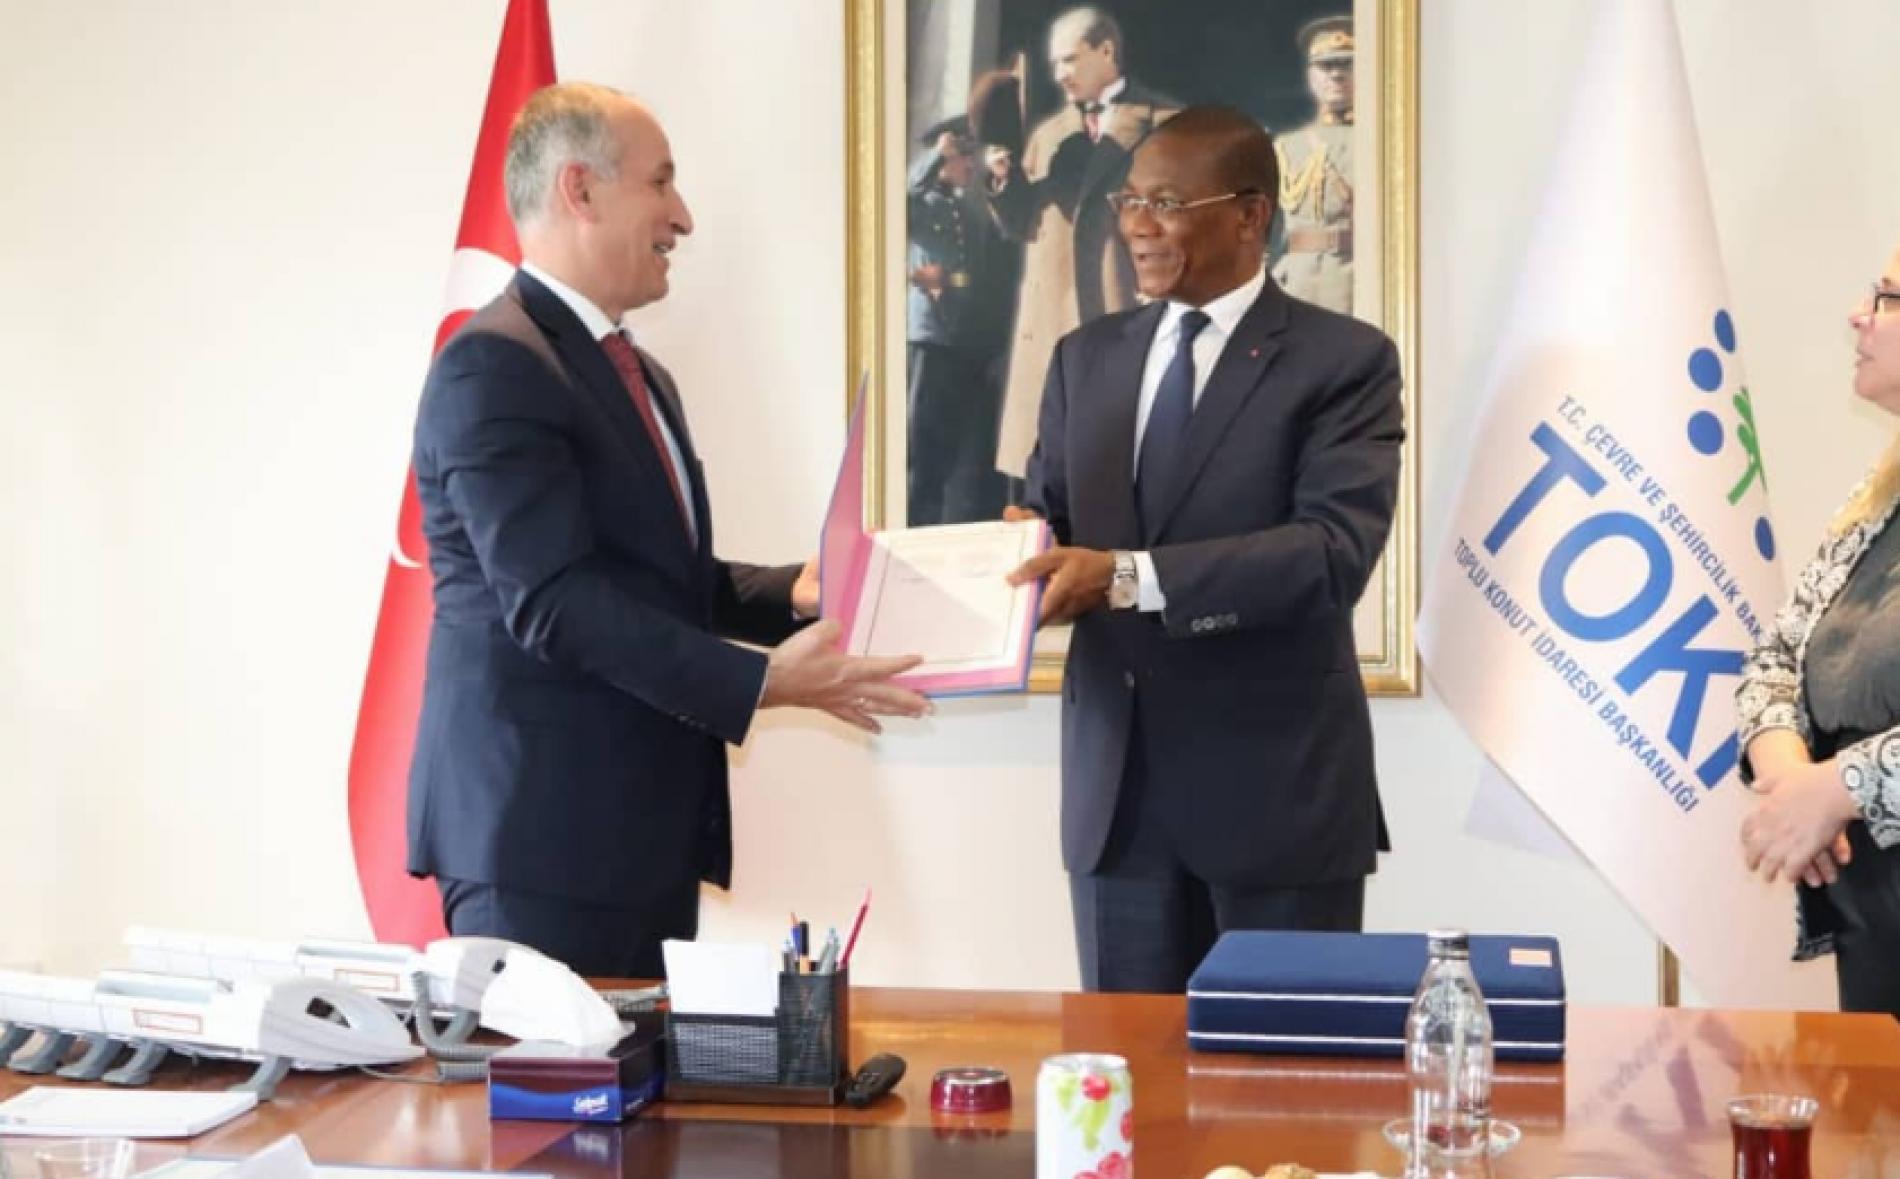 Urbanisme : La Cote-D'Ivoire et la Turquie valident des accords de coopération